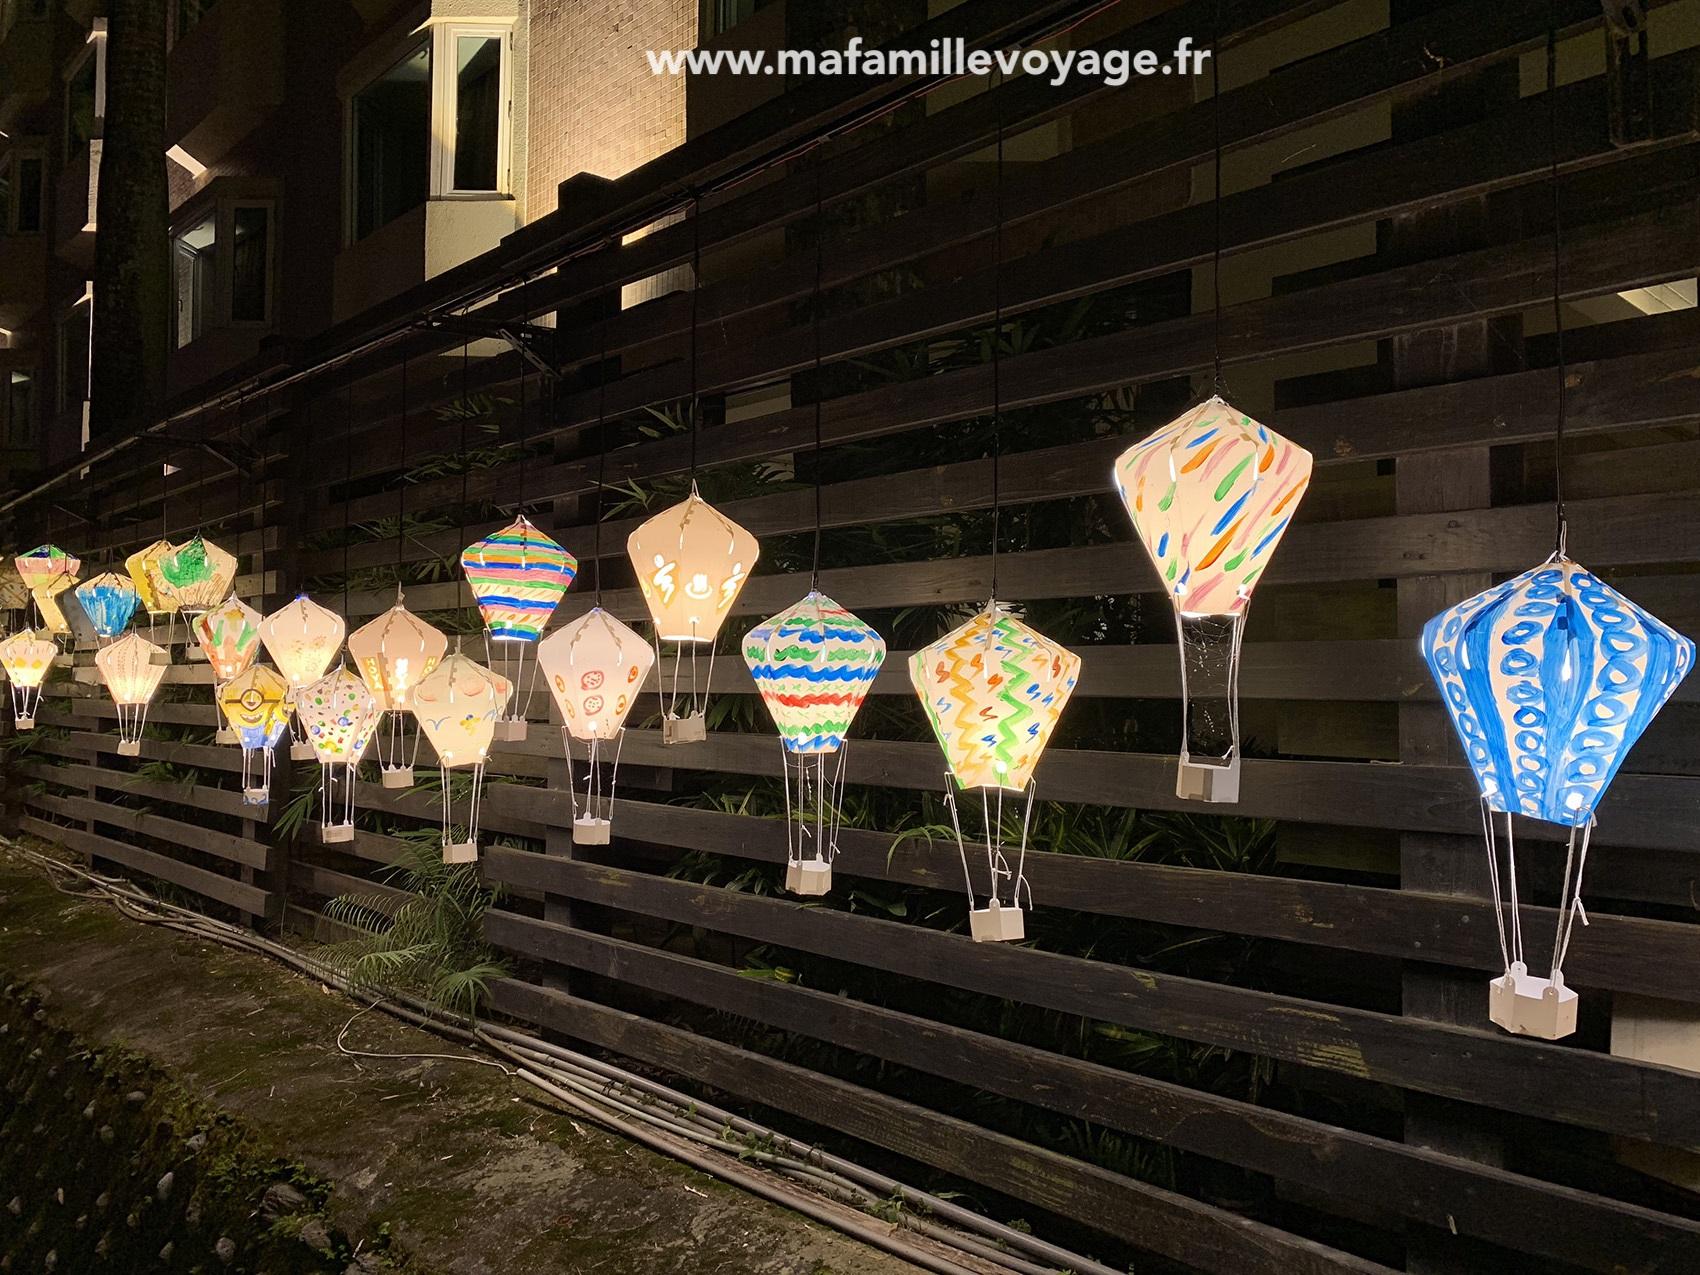 Les jolies lanternes qui décorent l'extérieur de l'hôtel